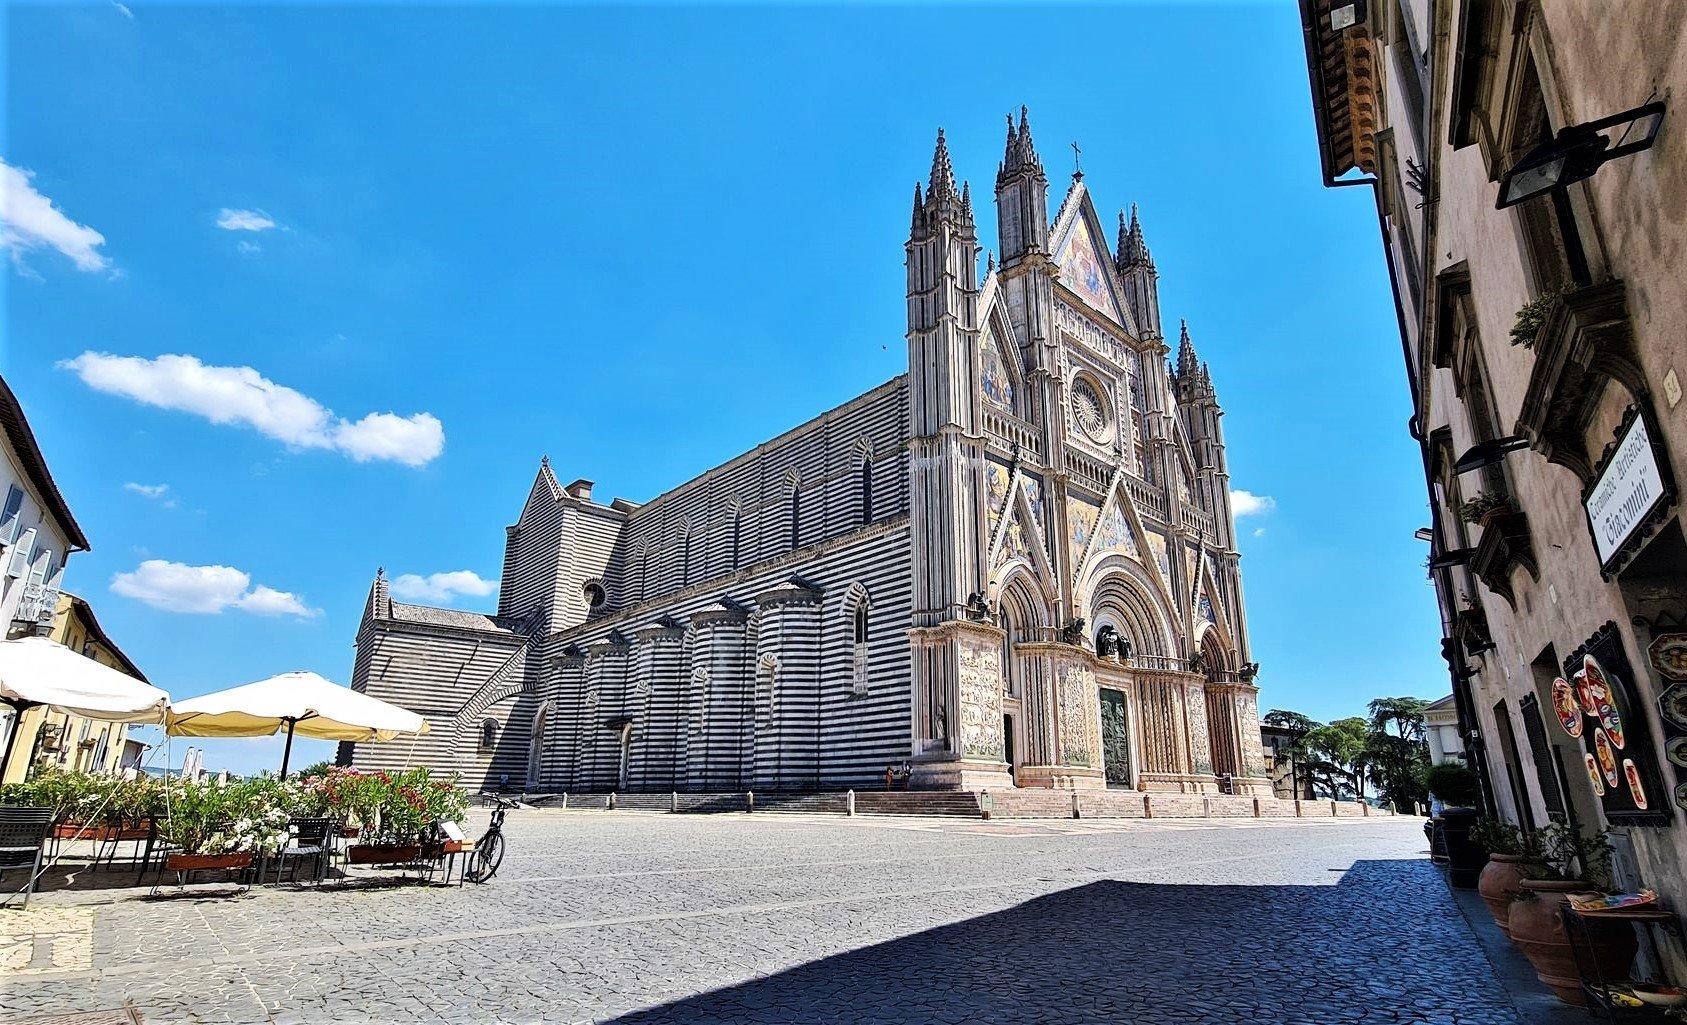 Cosa fare in Umbria Visitare il Duomo di Orvieto